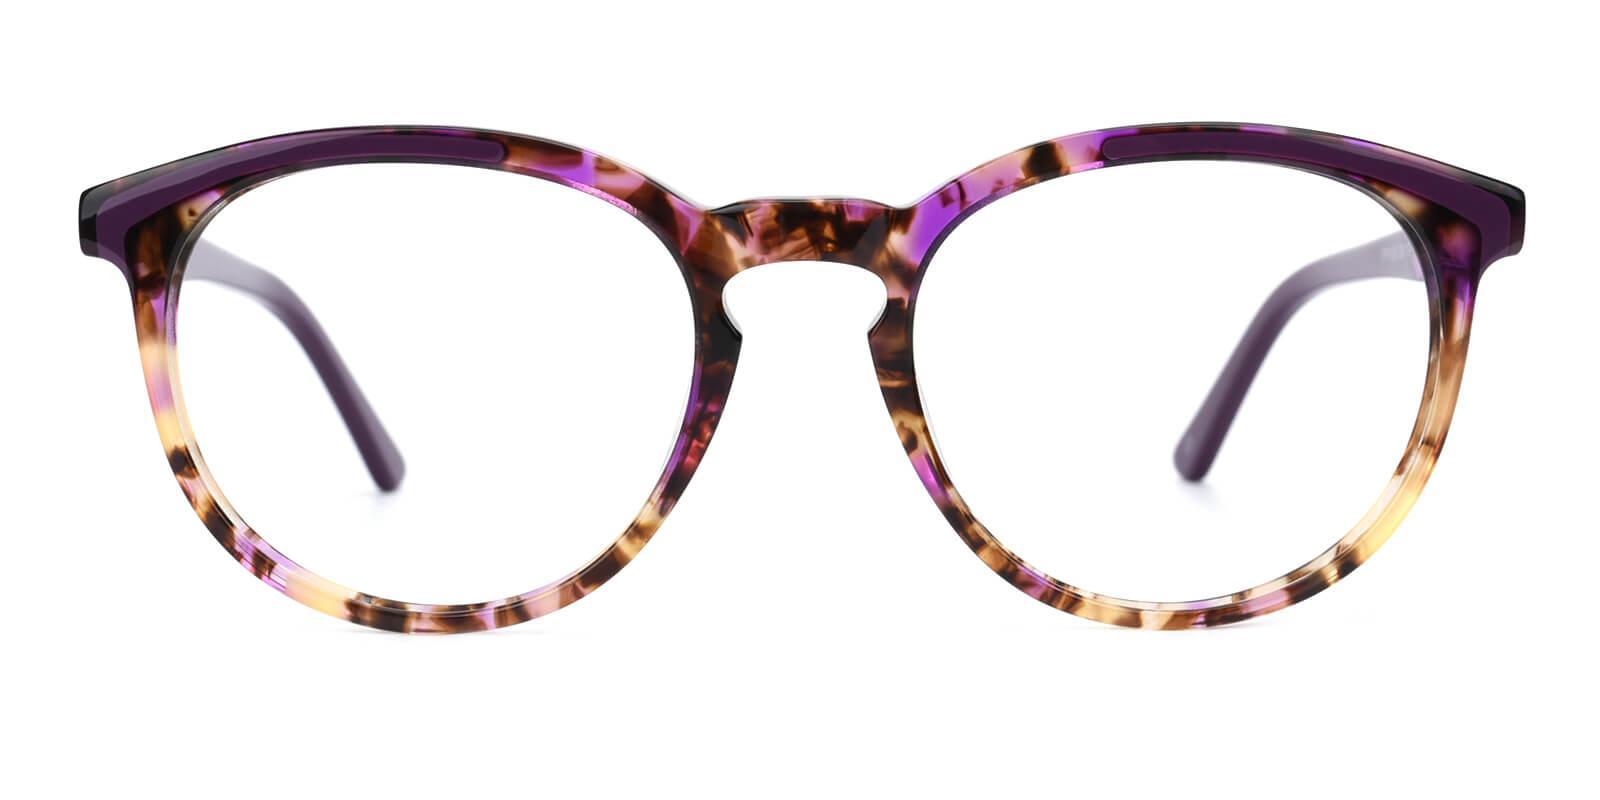 Deborah-Purple-Oval-Acetate-Eyeglasses-additional2